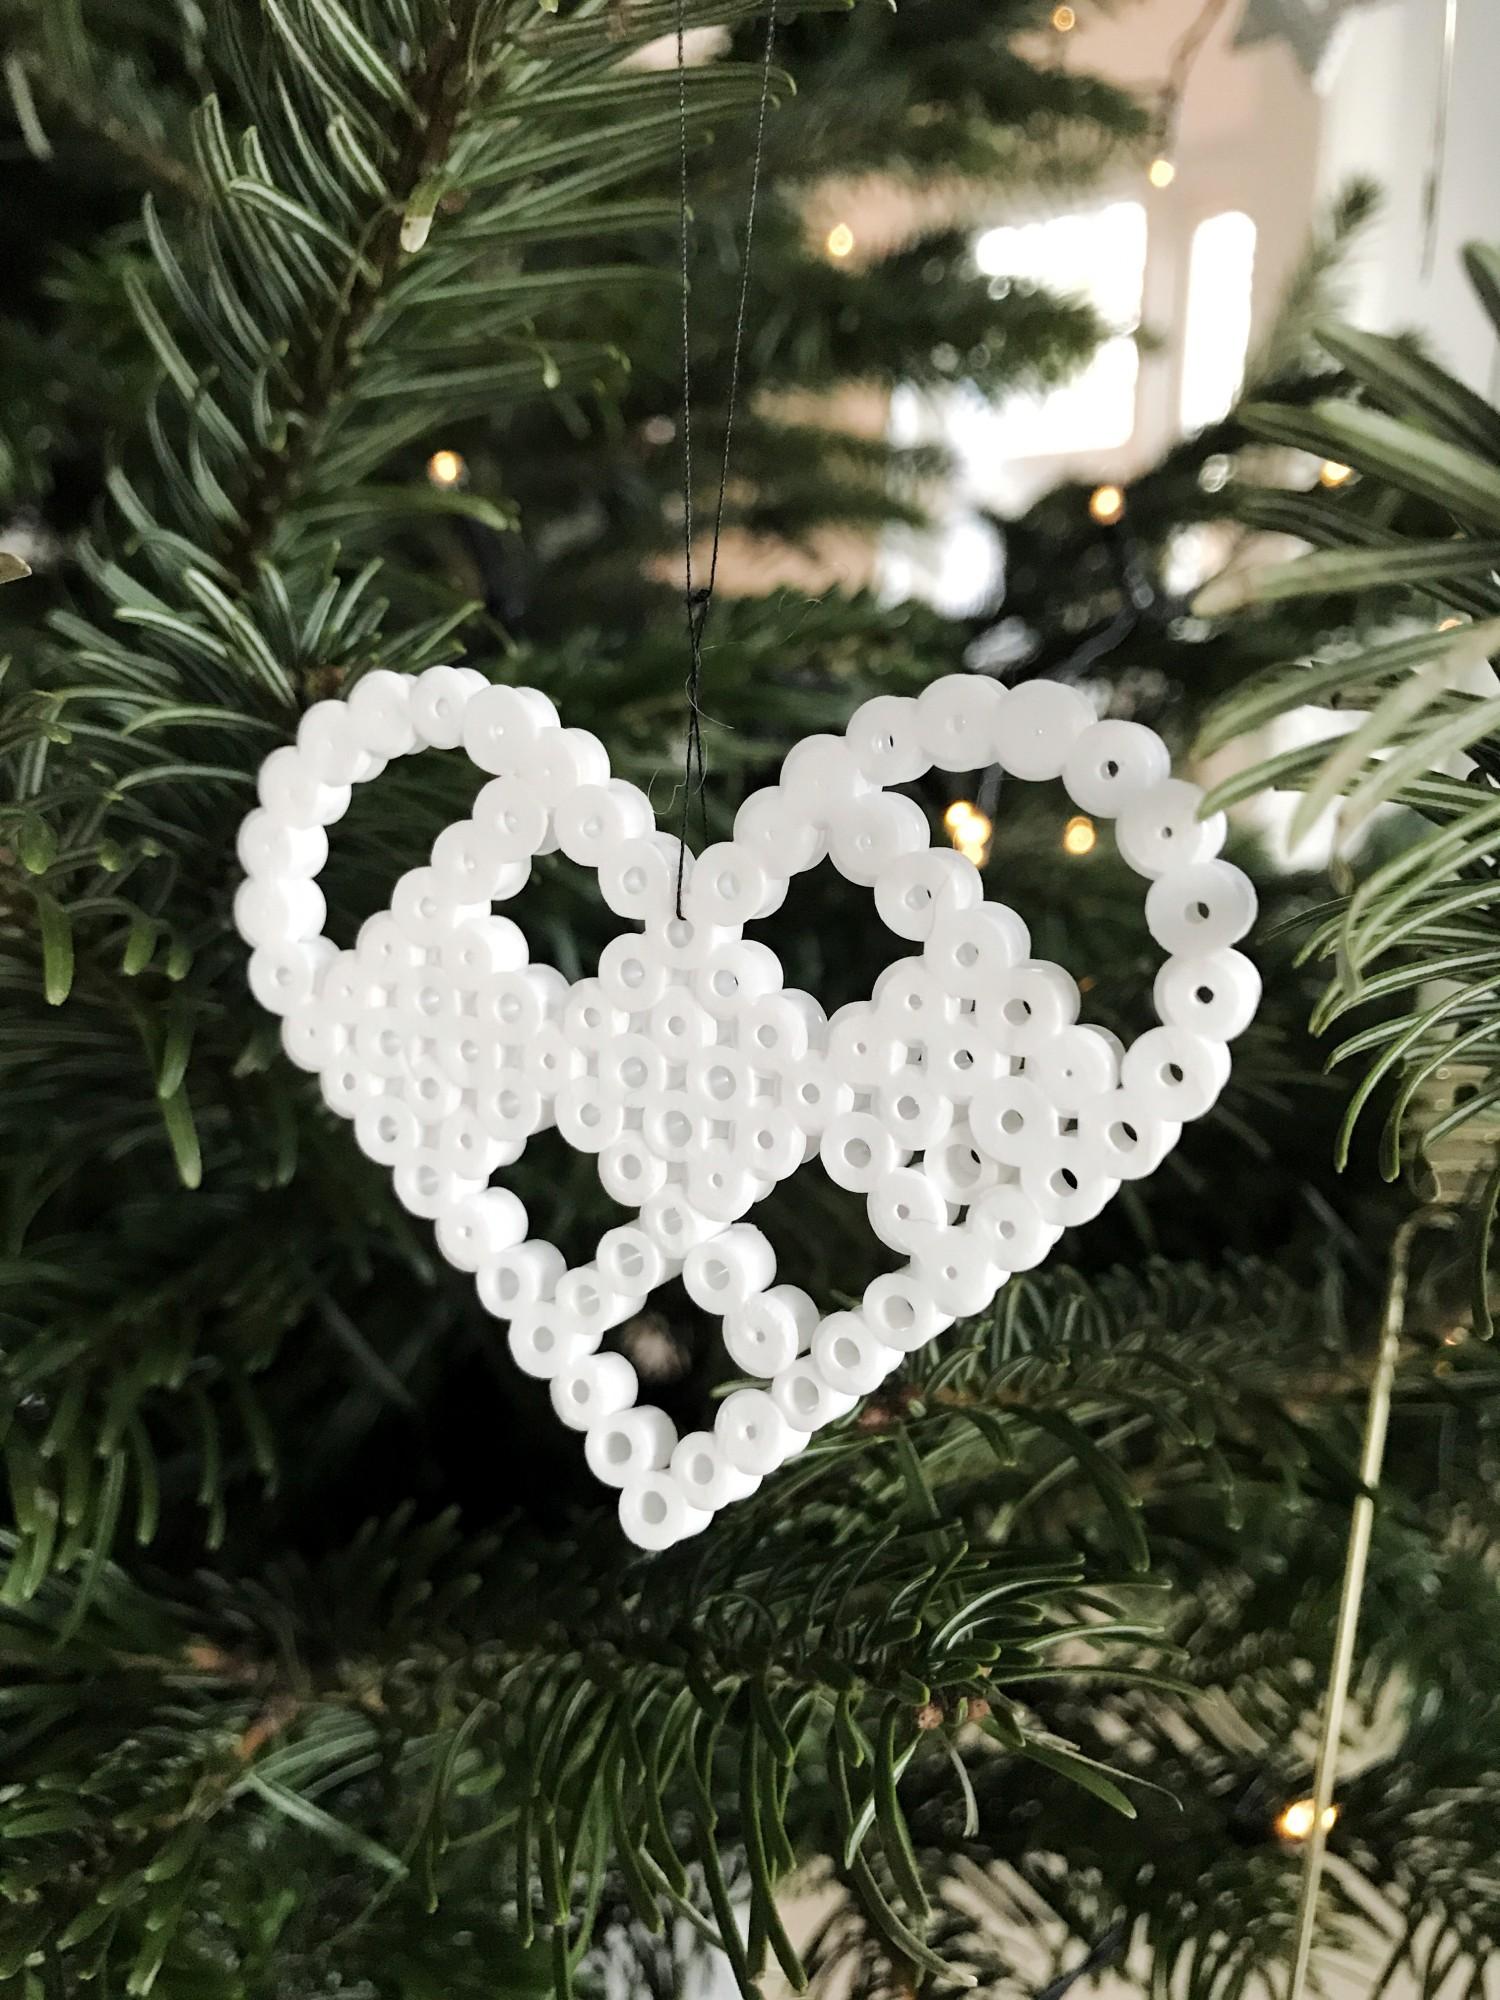 Hjerteformet perleplade ophæng på juletræet